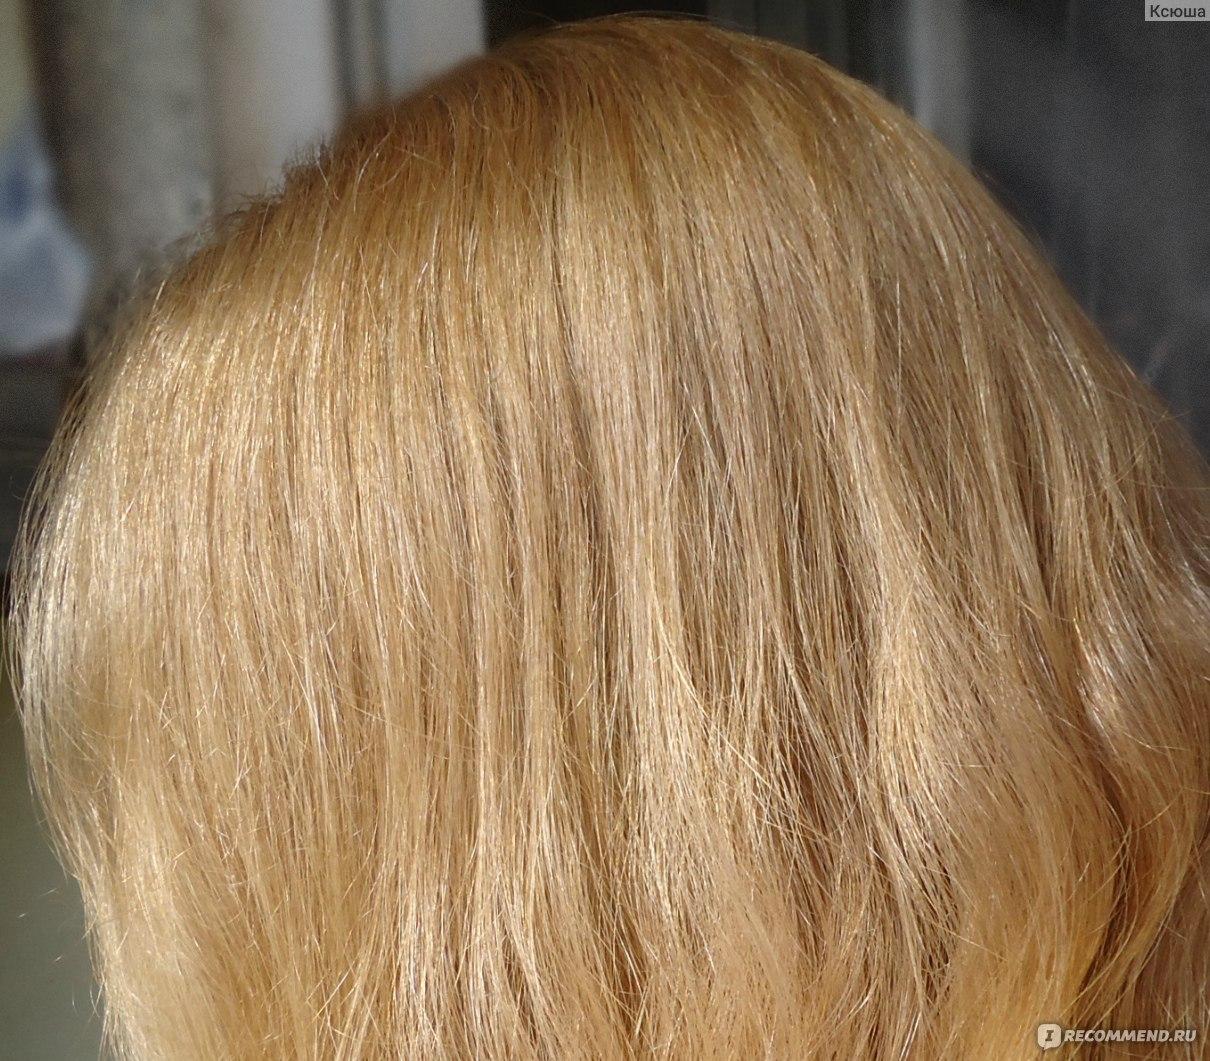 Пепельный блонд холодный цвет волос ( фото )